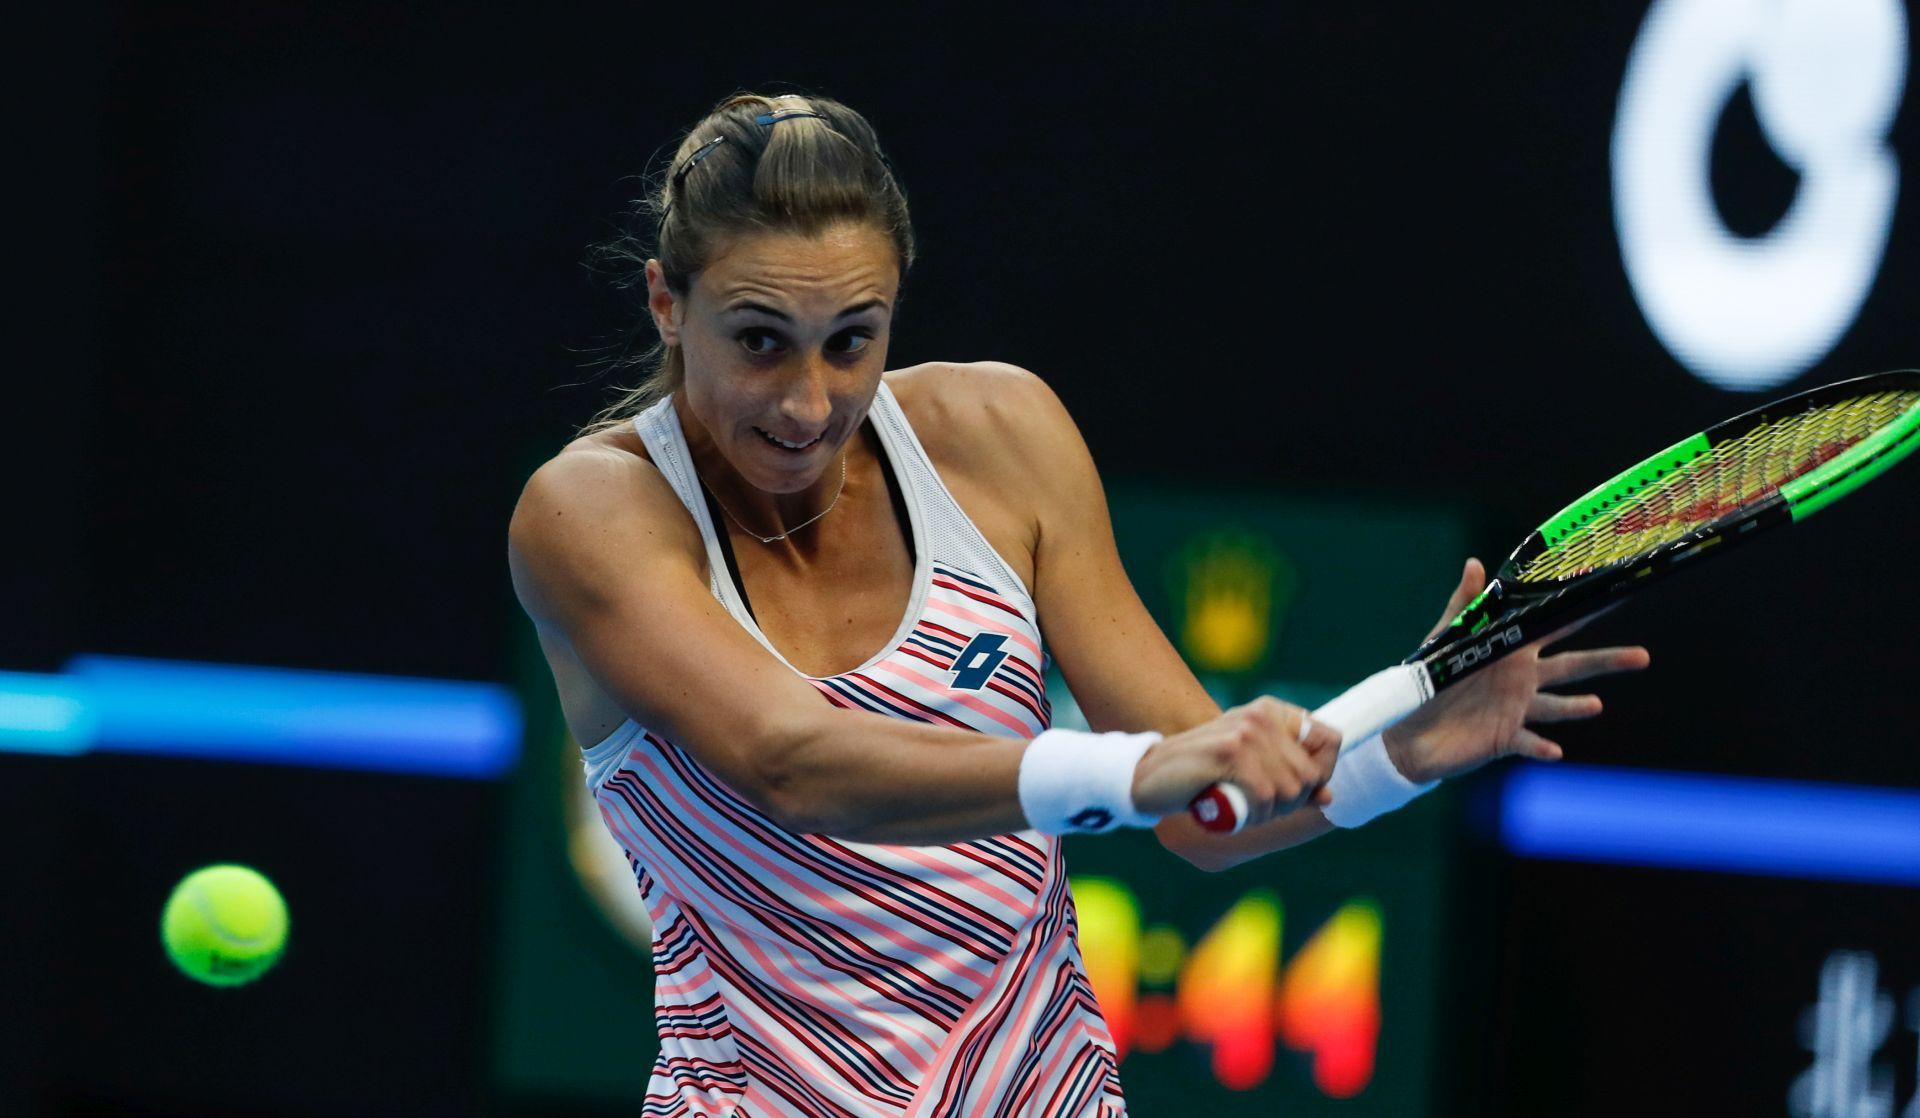 WTA LJESTVICA Martić i Vekić ostale na prošlotjednim pozicijama